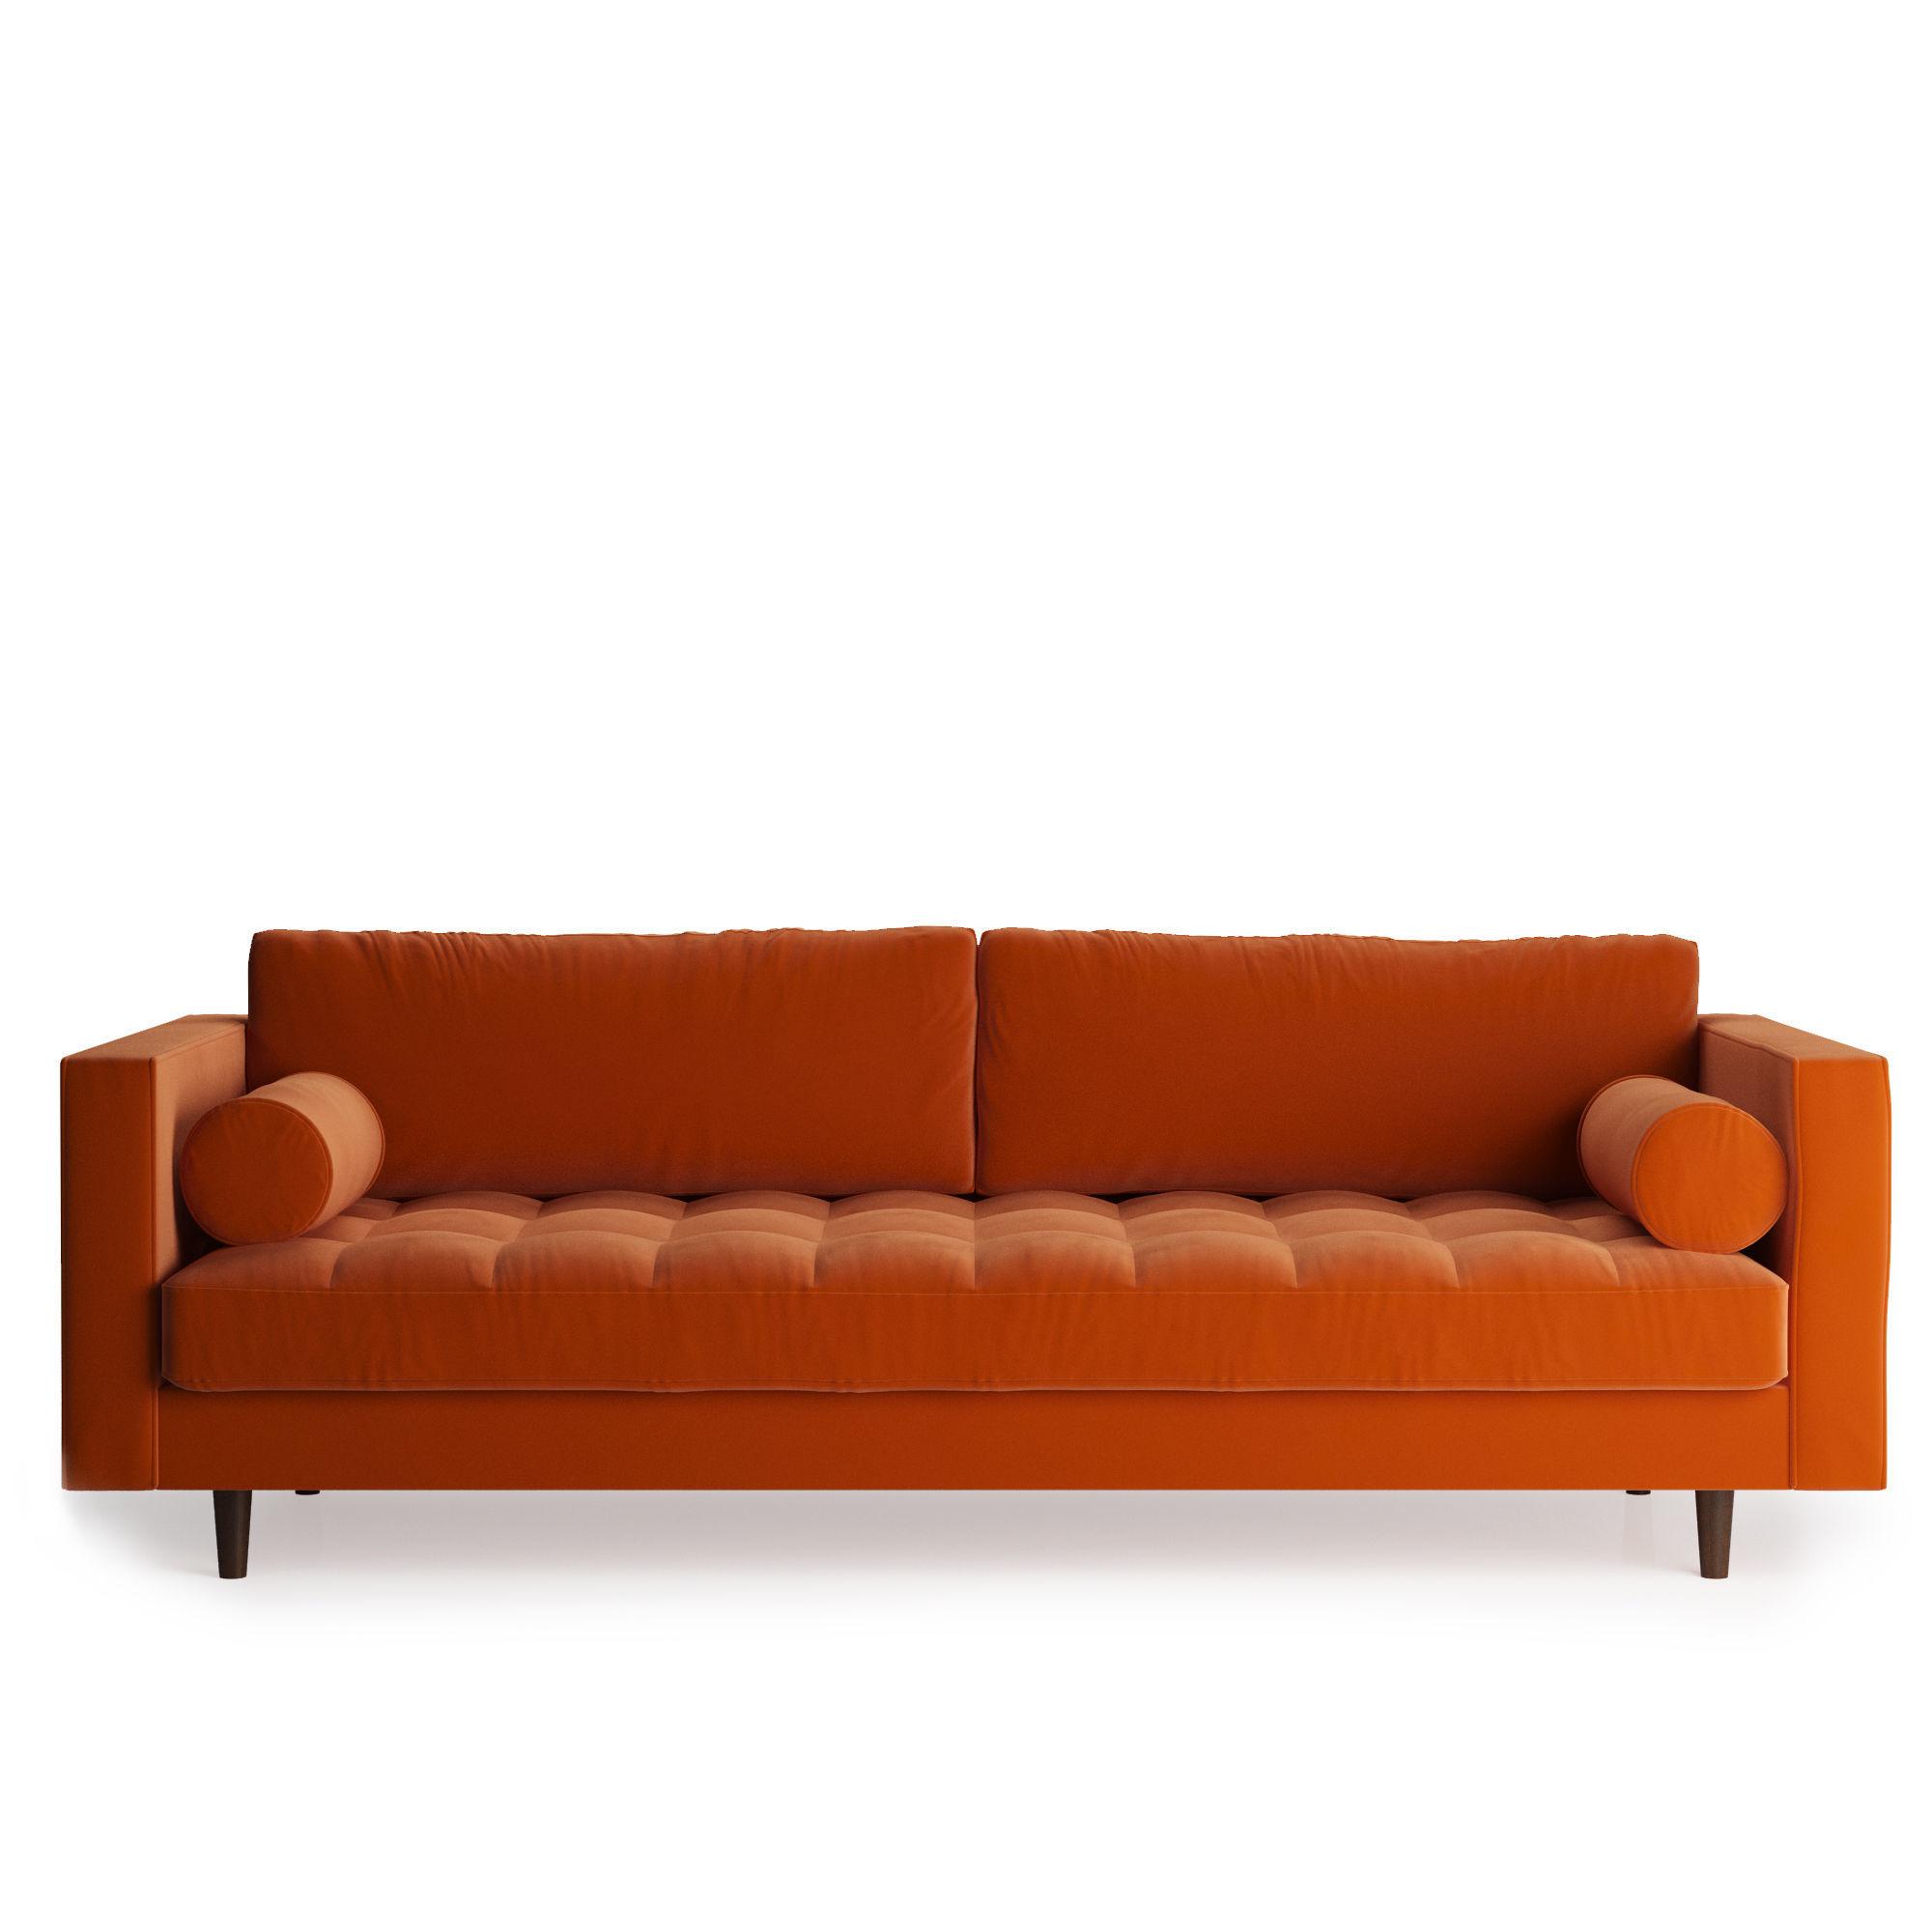 Scott 3 Seater Sofa Cotton Velvet